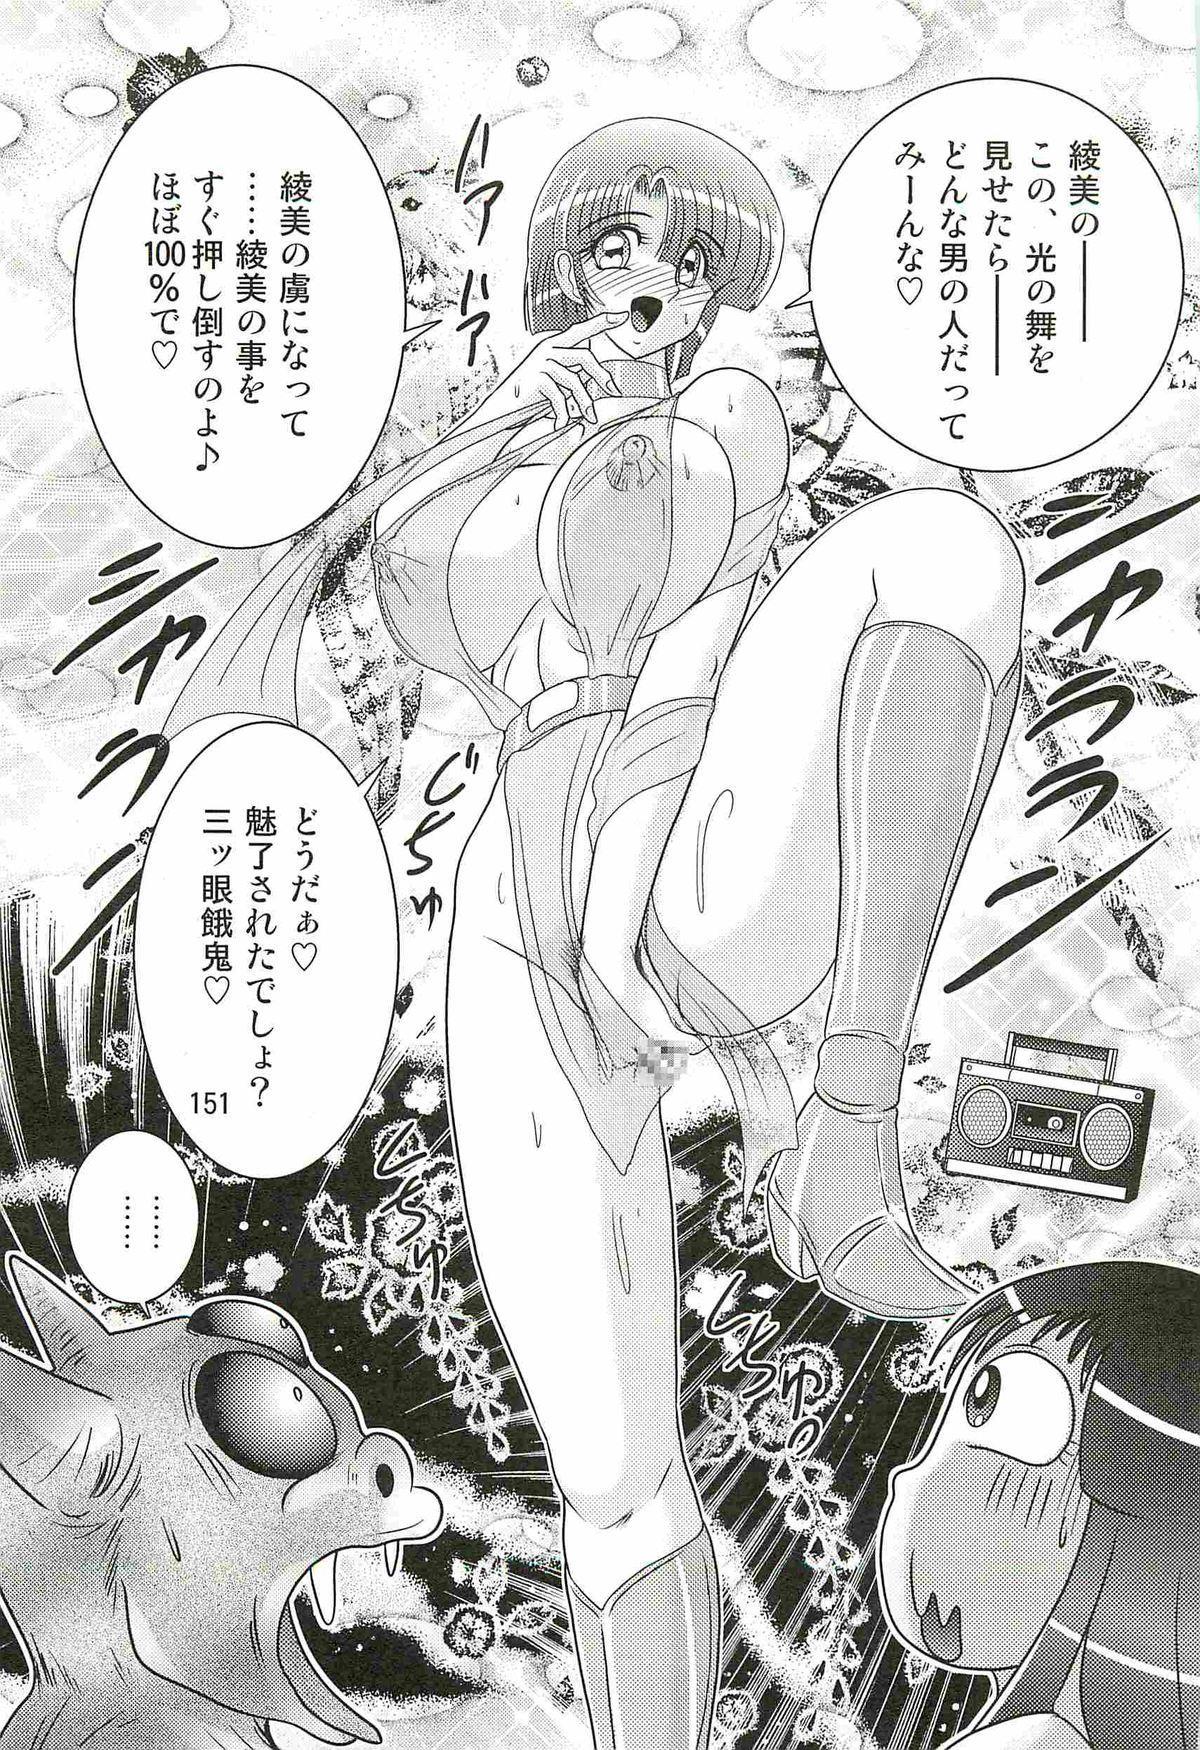 Seirei Tokusou Fairy Saber W - Undead Rape 154